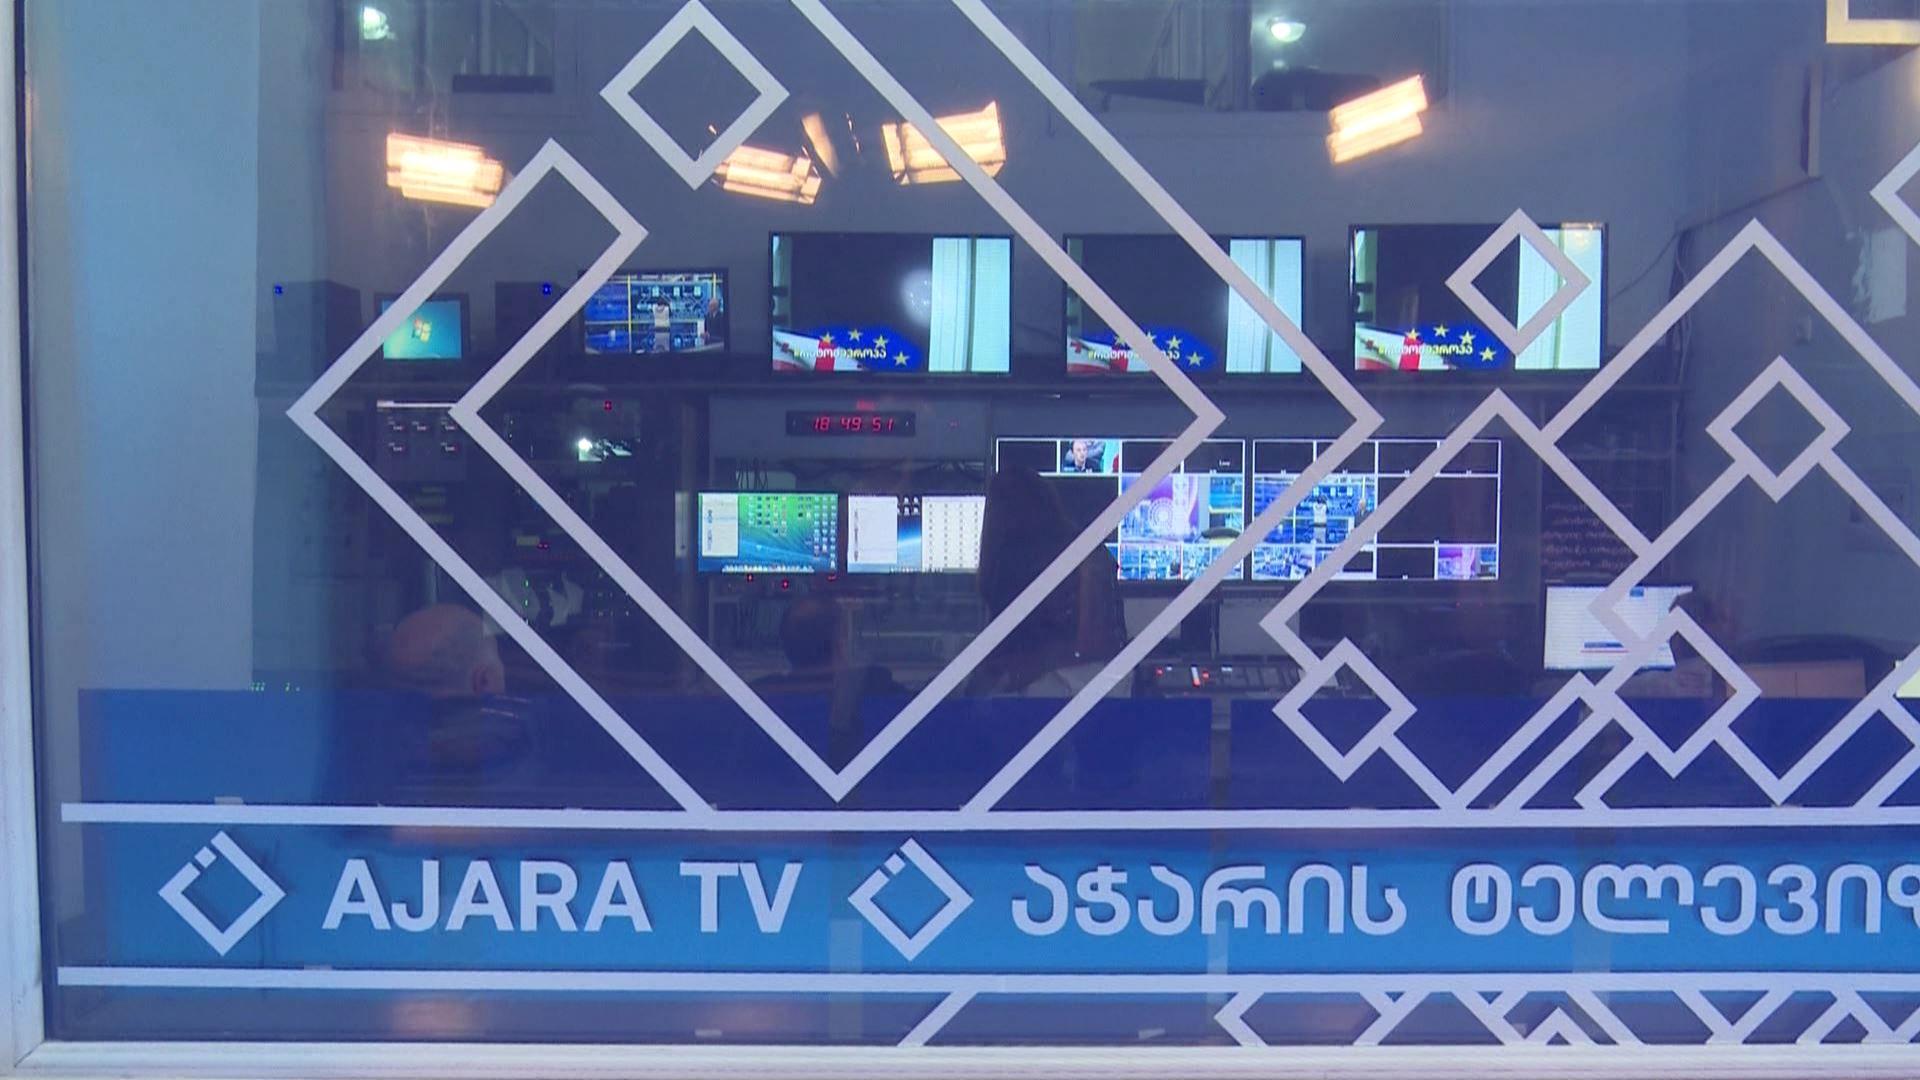 ▶ საზოგადოებრივი მაუწყებლის აჭარის ტელევიზია იუბილარია ▶ არჩევნები დამკვირვებლების ობიექტივში